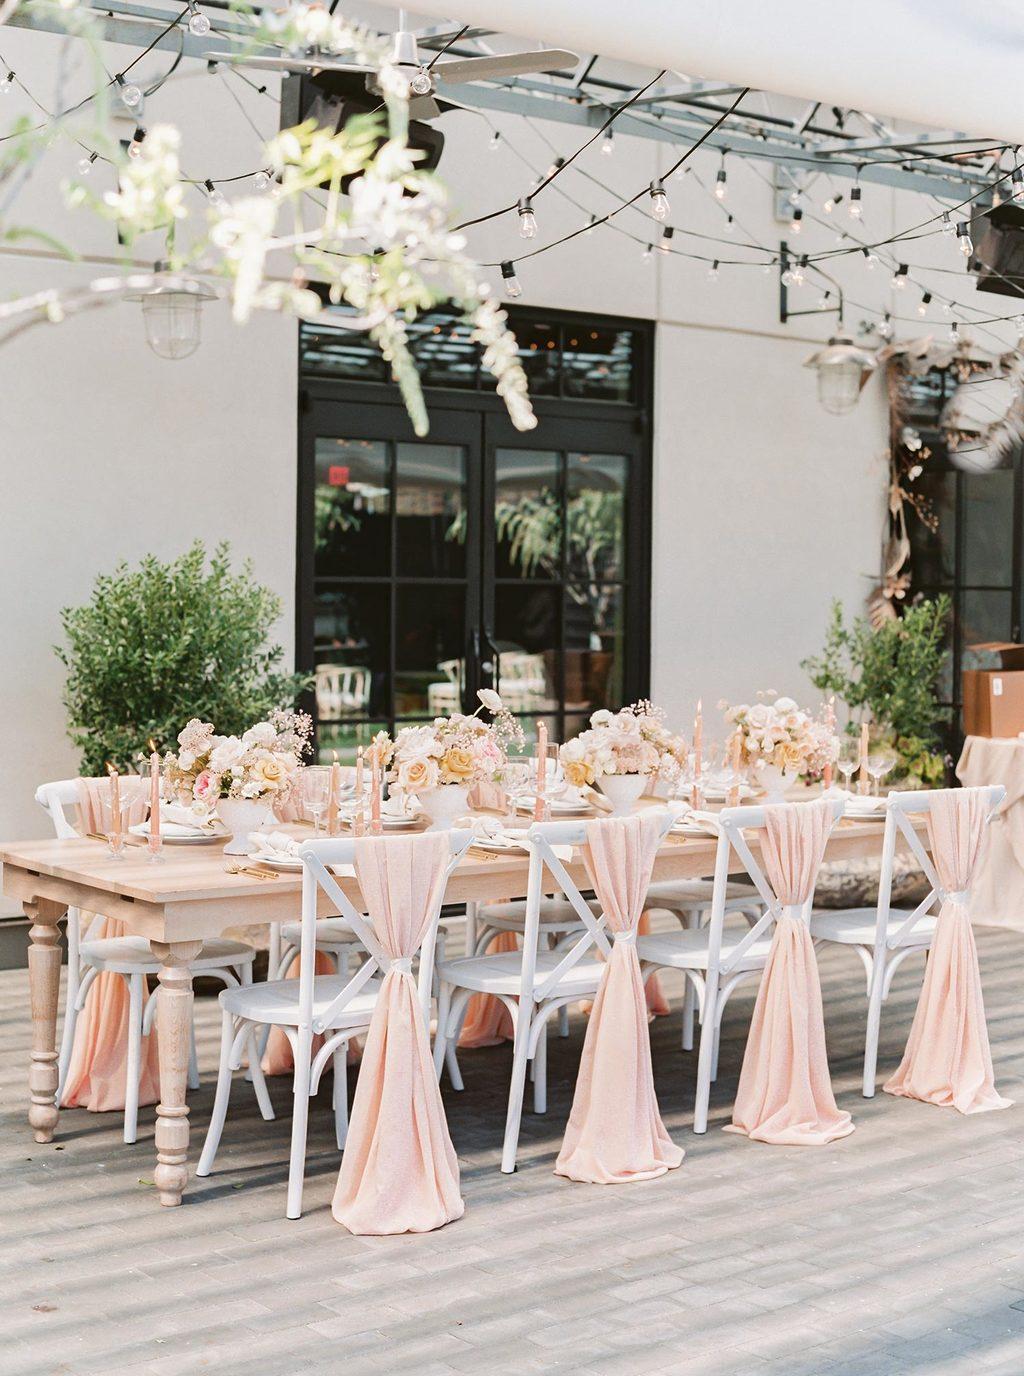 garden reception wedding tablescape with peach linens